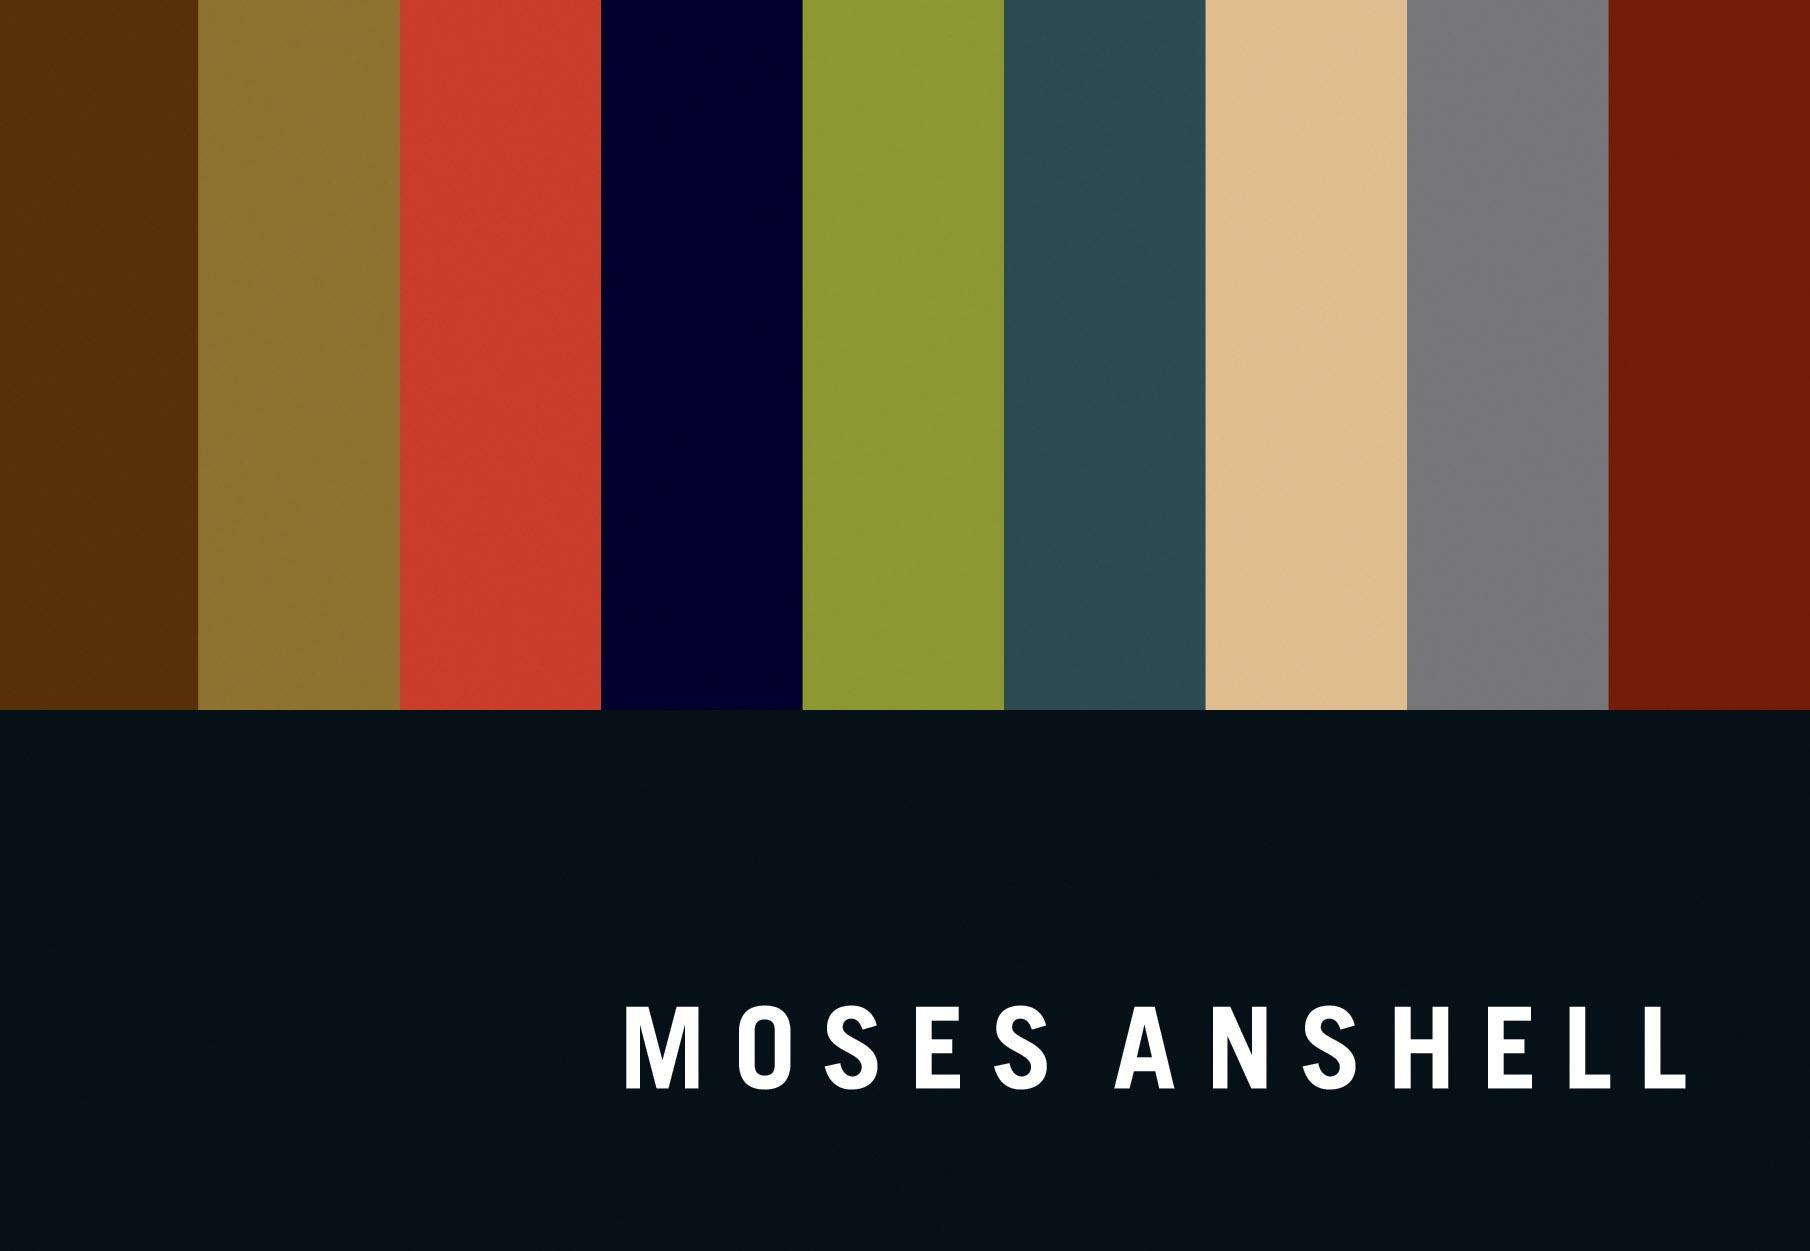 Moses Anshell logo Moses, Logos